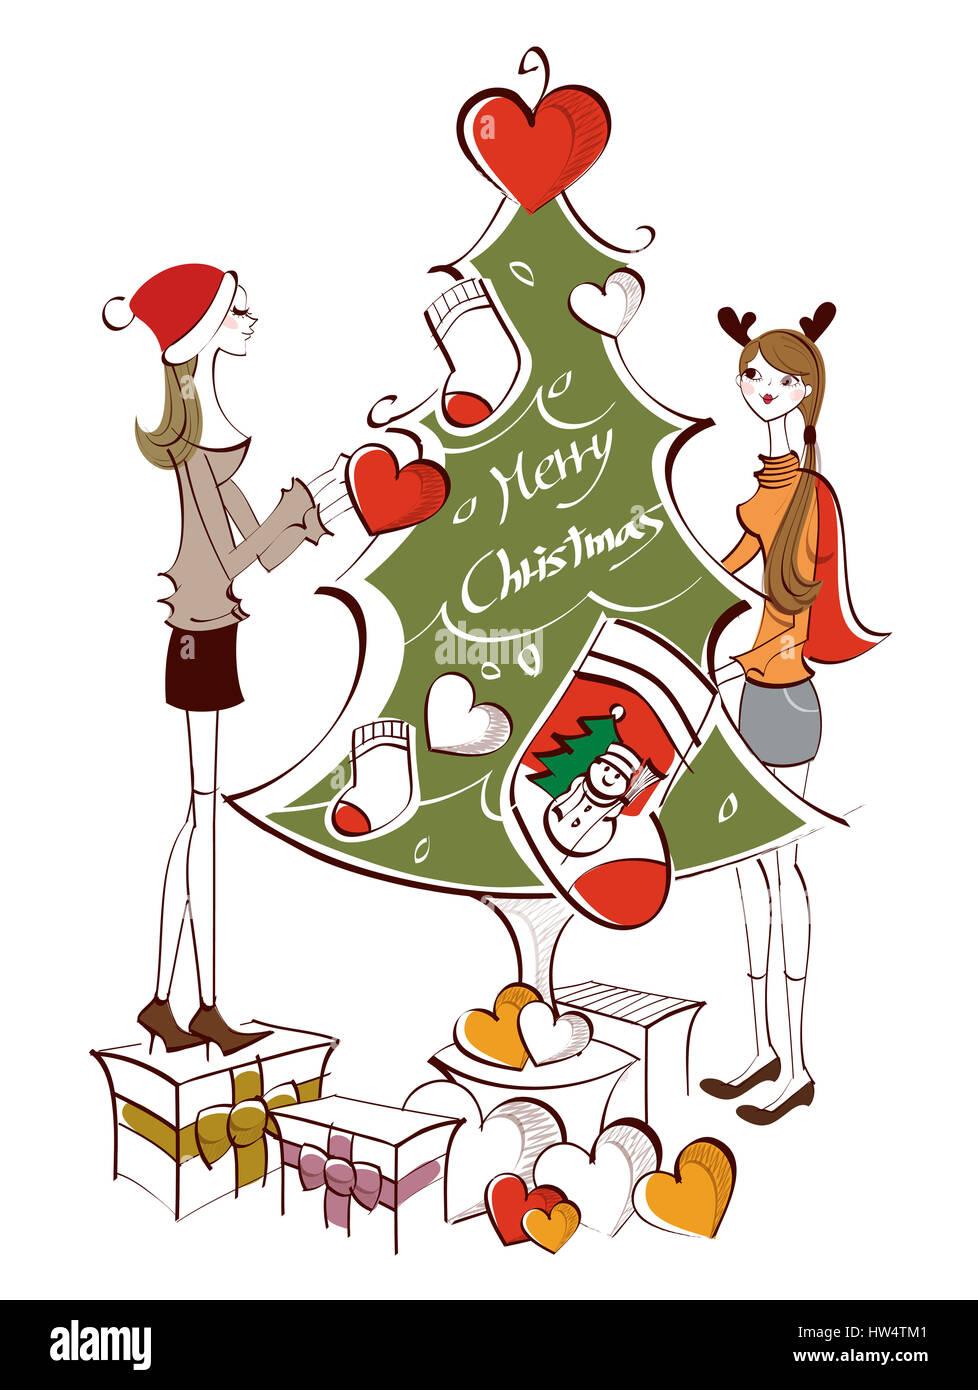 Wunderbar Weihnachten Färbung Clipart Galerie - Malvorlagen Von ...